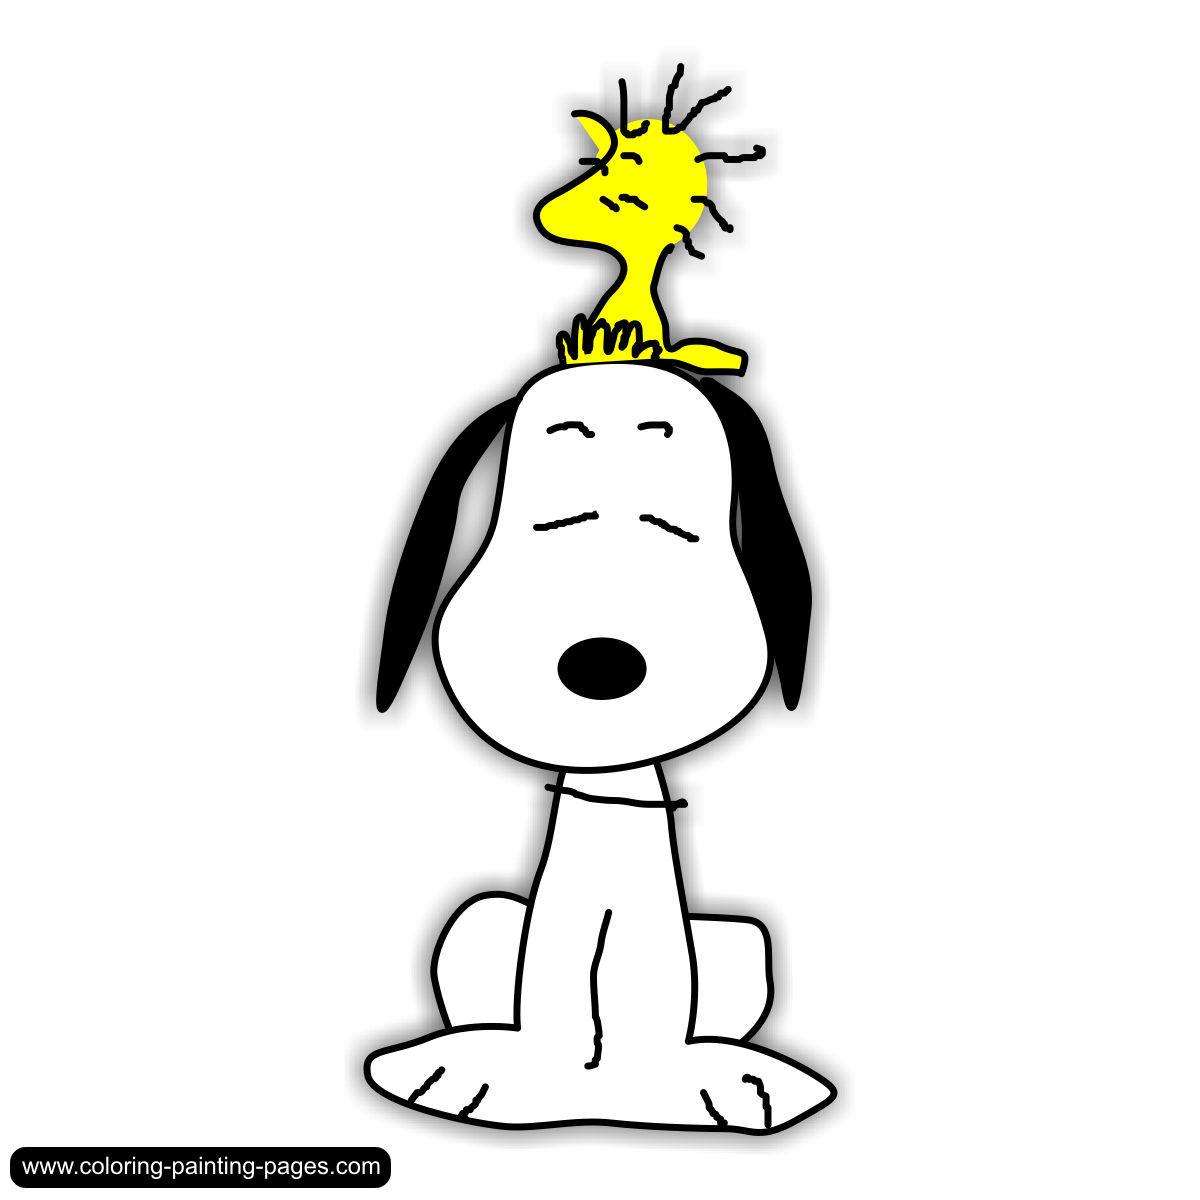 66 Desenhos Do Snoopy Snoopy Clipart Clipartlook